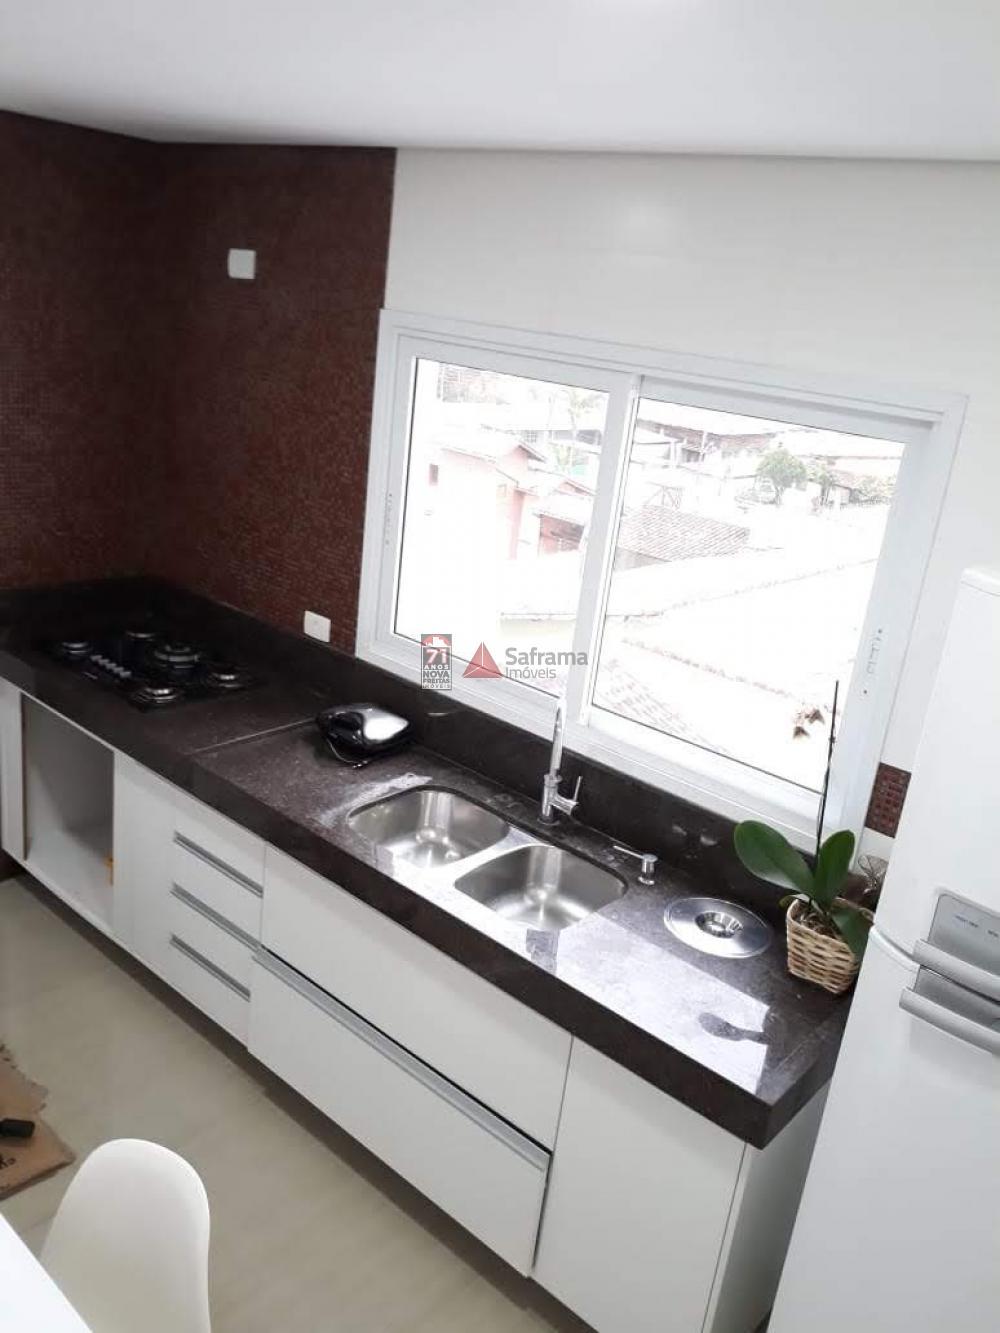 Comprar Apartamento / Padrão em Caraguatatuba apenas R$ 450.000,00 - Foto 3